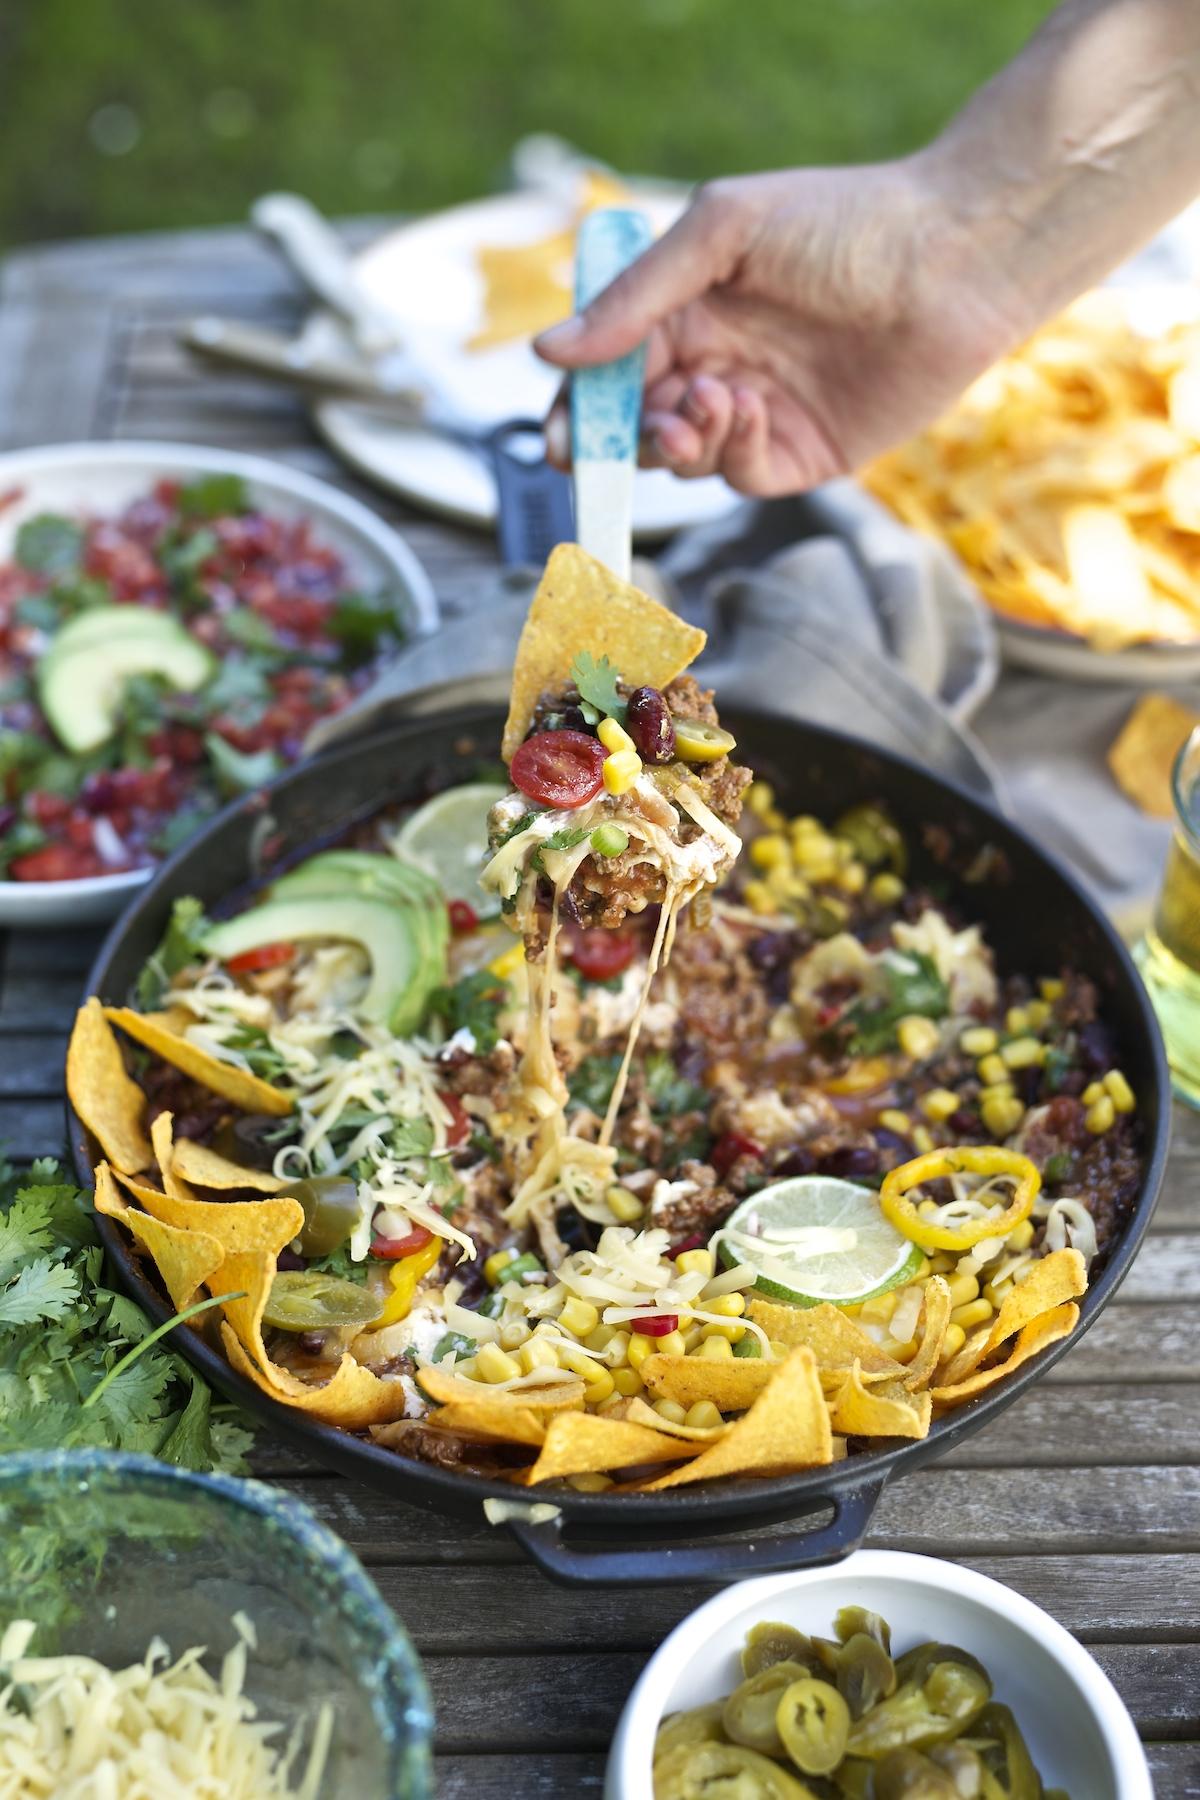 Soczysta I Pikantna Kuchnia Meksykańska Dla Każdego To Nie